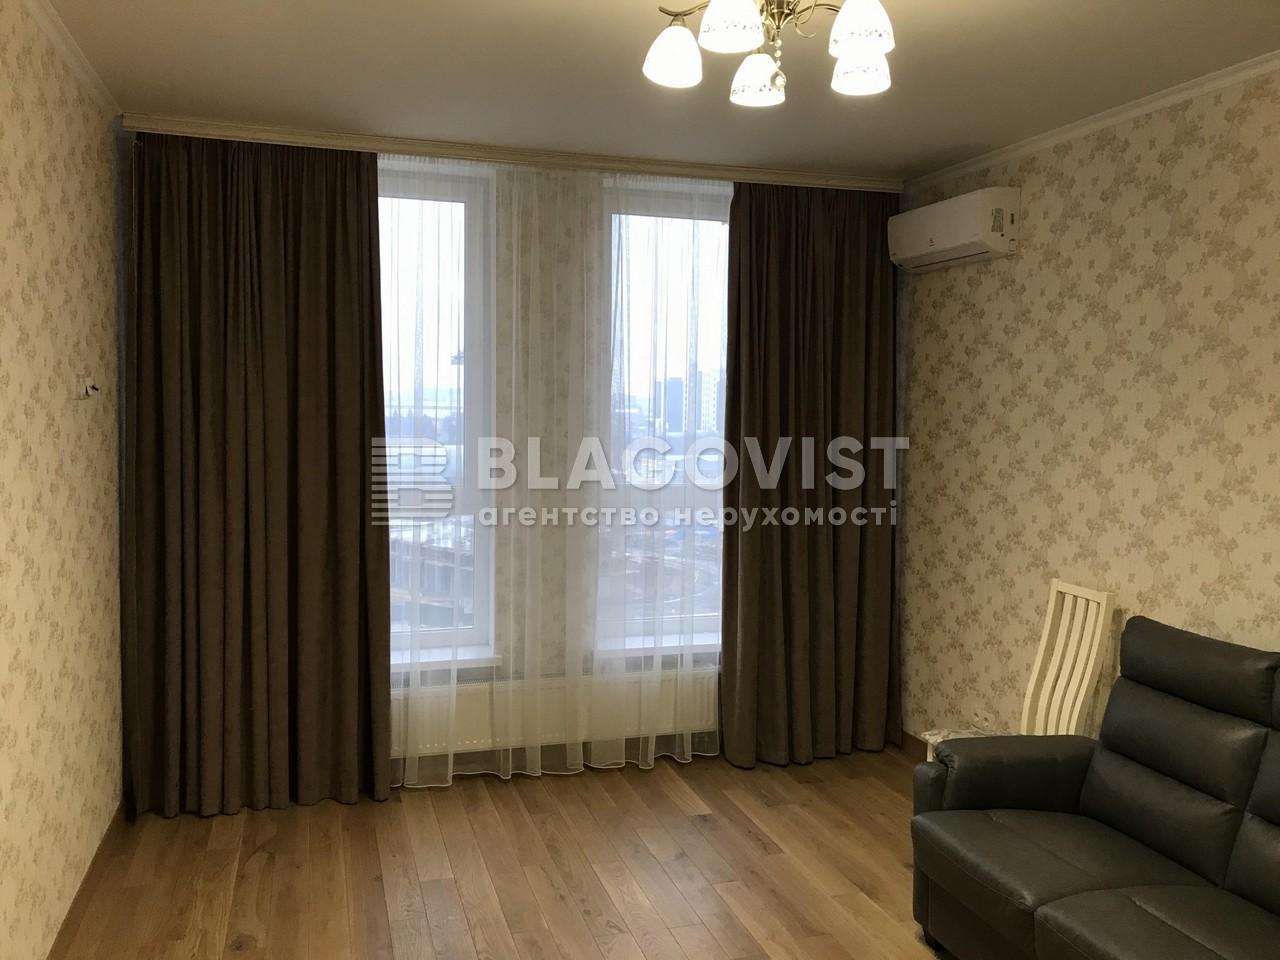 Квартира D-35850, Победы просп., 67 корпус 1, Киев - Фото 5